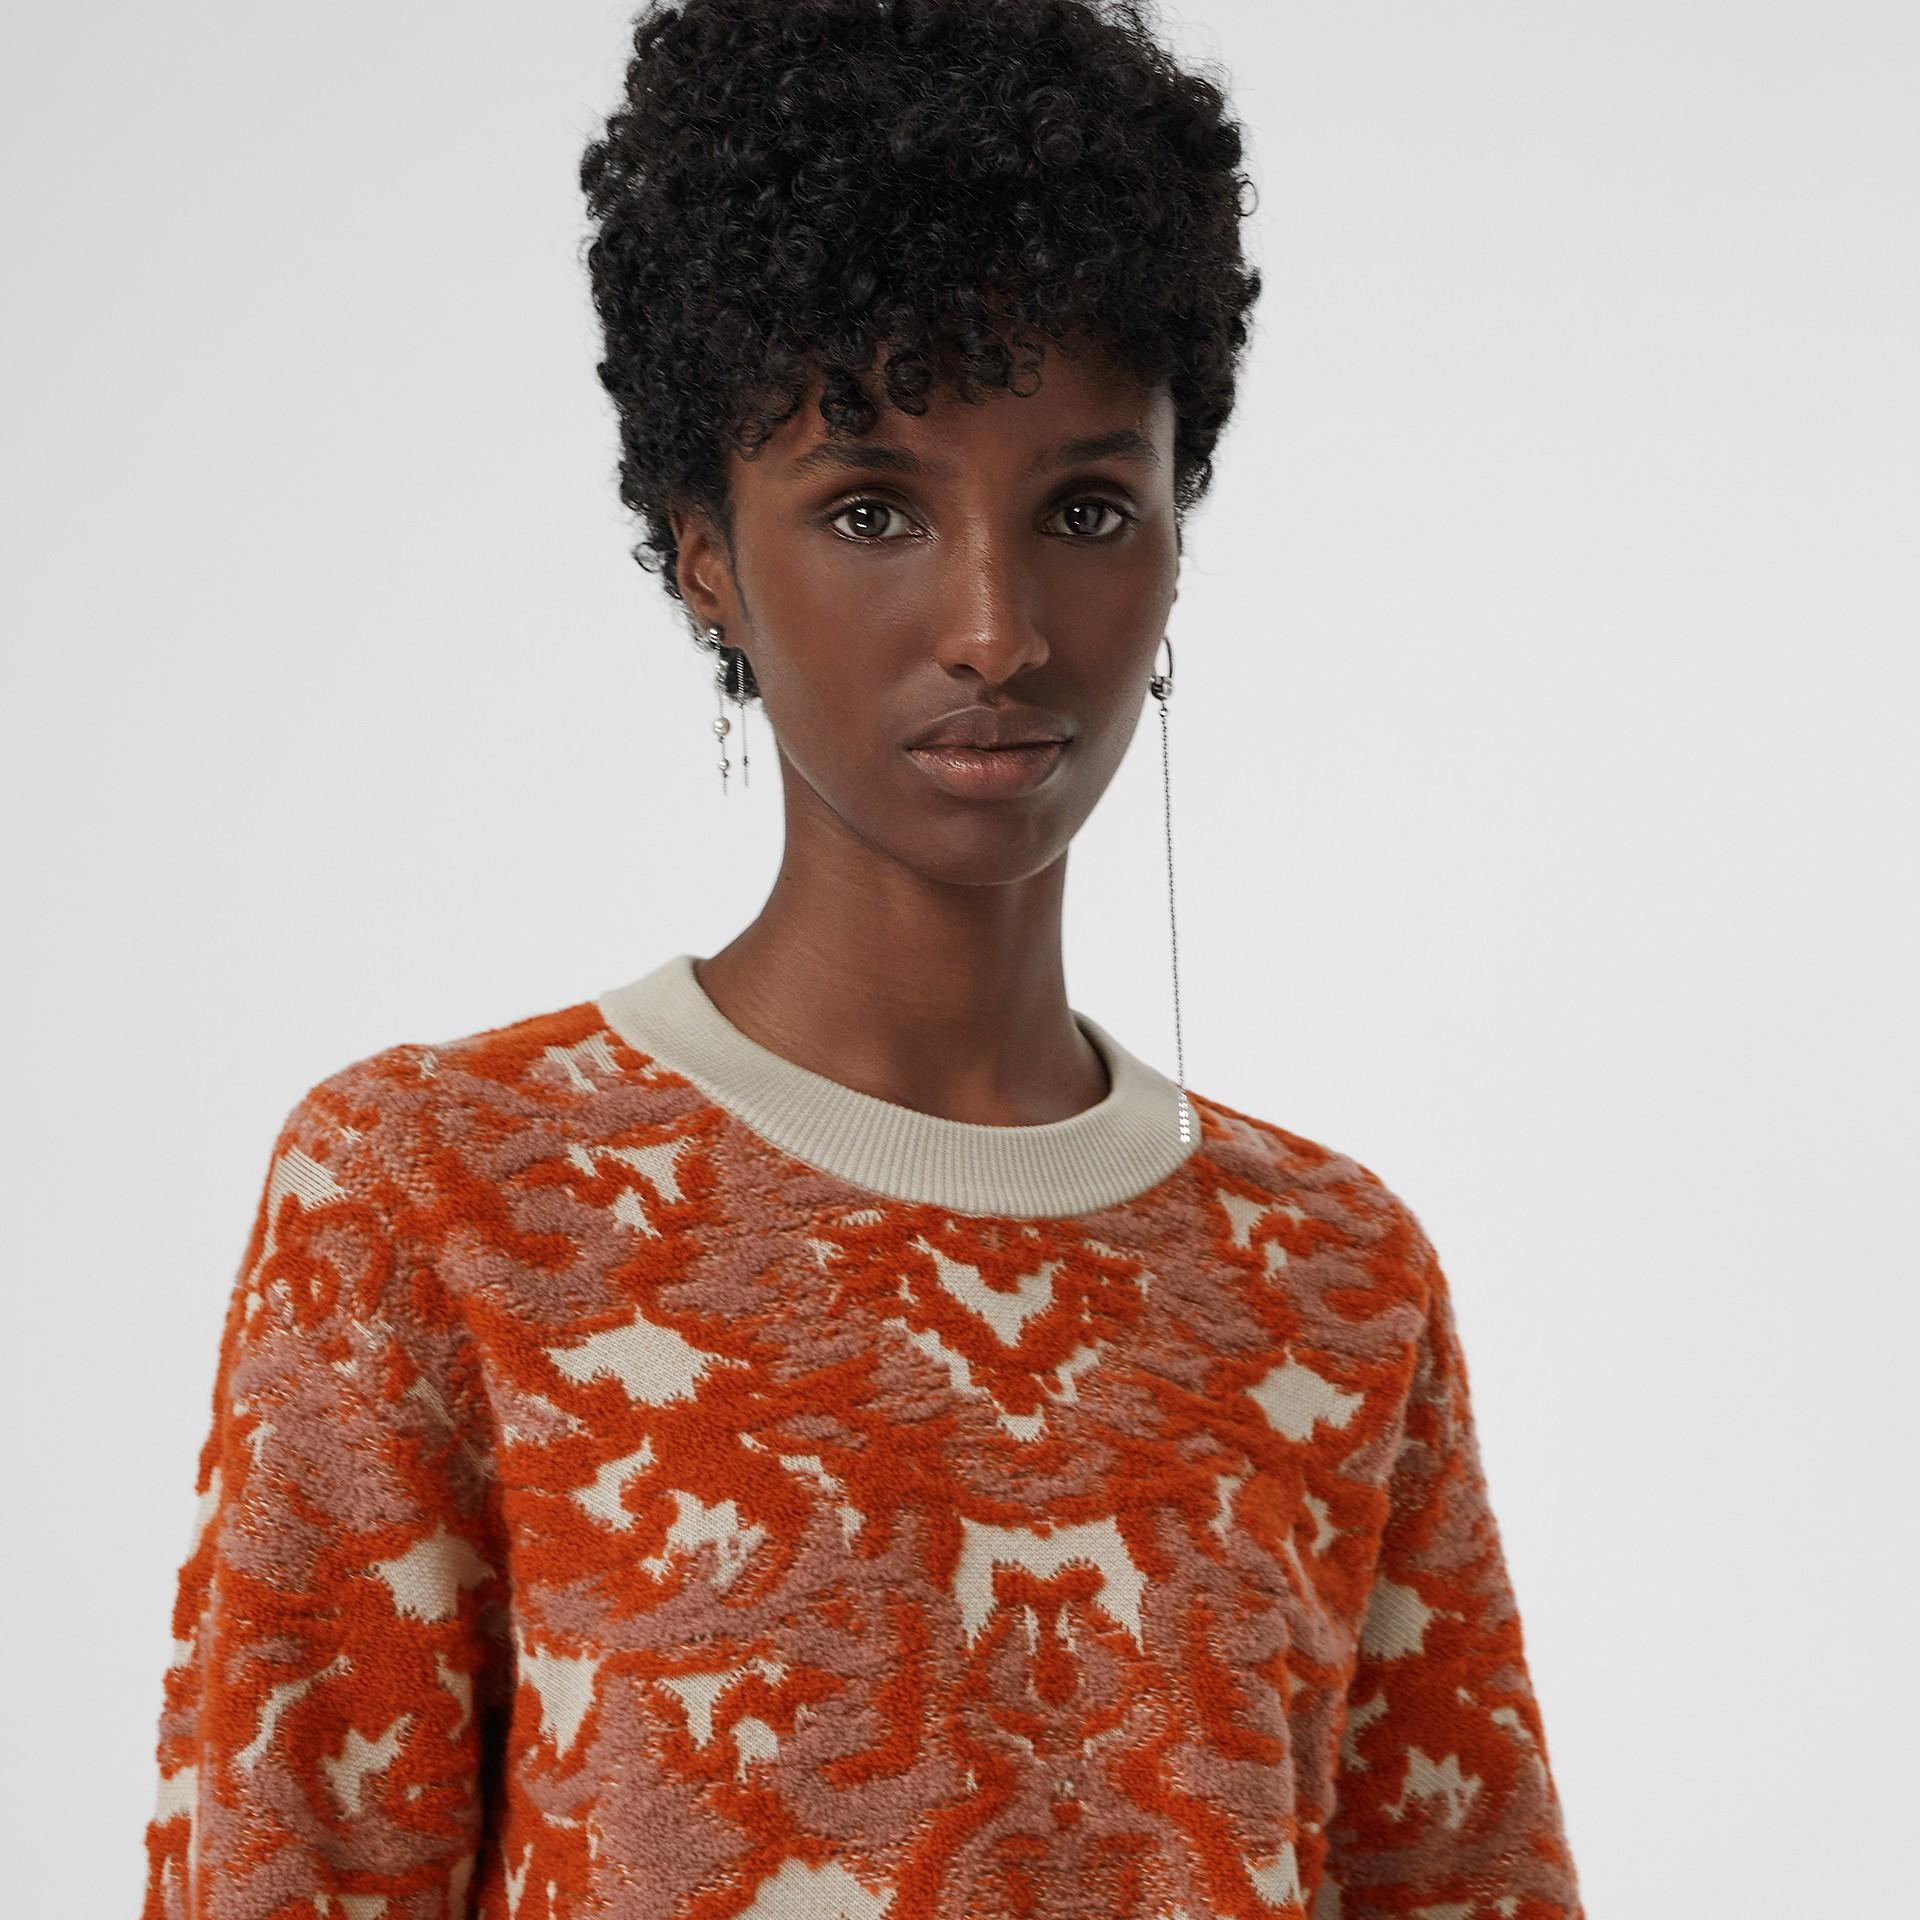 ダマスクウール シルクジャカード セーター (ピンクアゼリア) - ウィメンズ | バーバリー - ギャラリーイメージ 1